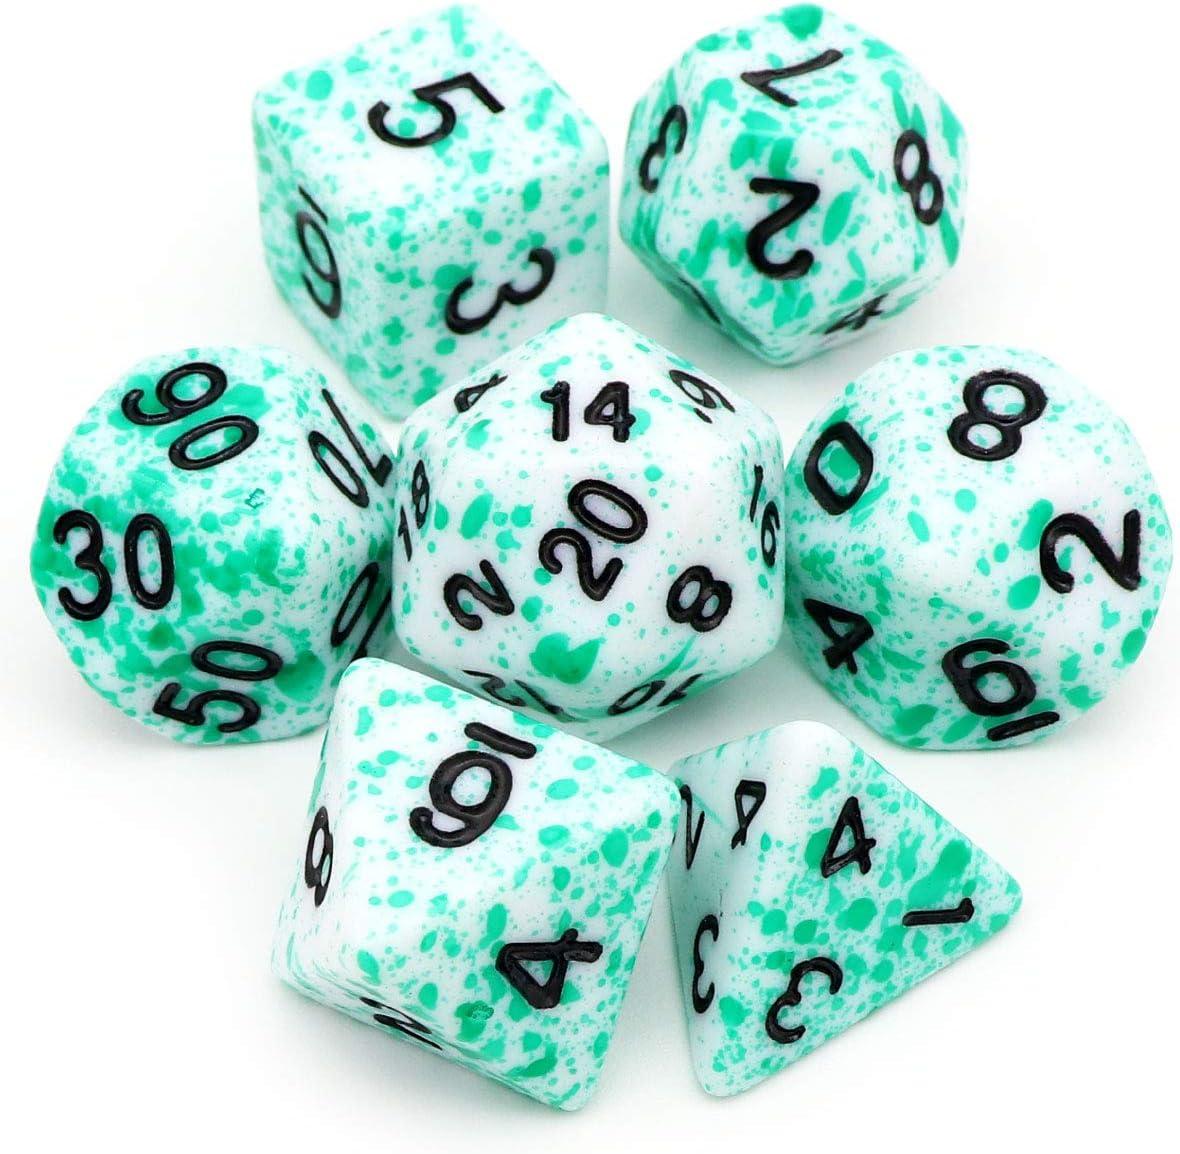 Haxtec DND - Juego de dados (7 unidades, poliedro verde moteado D&D para calabozos y dragones TTRPG, sangre verde): Amazon.es: Juguetes y juegos